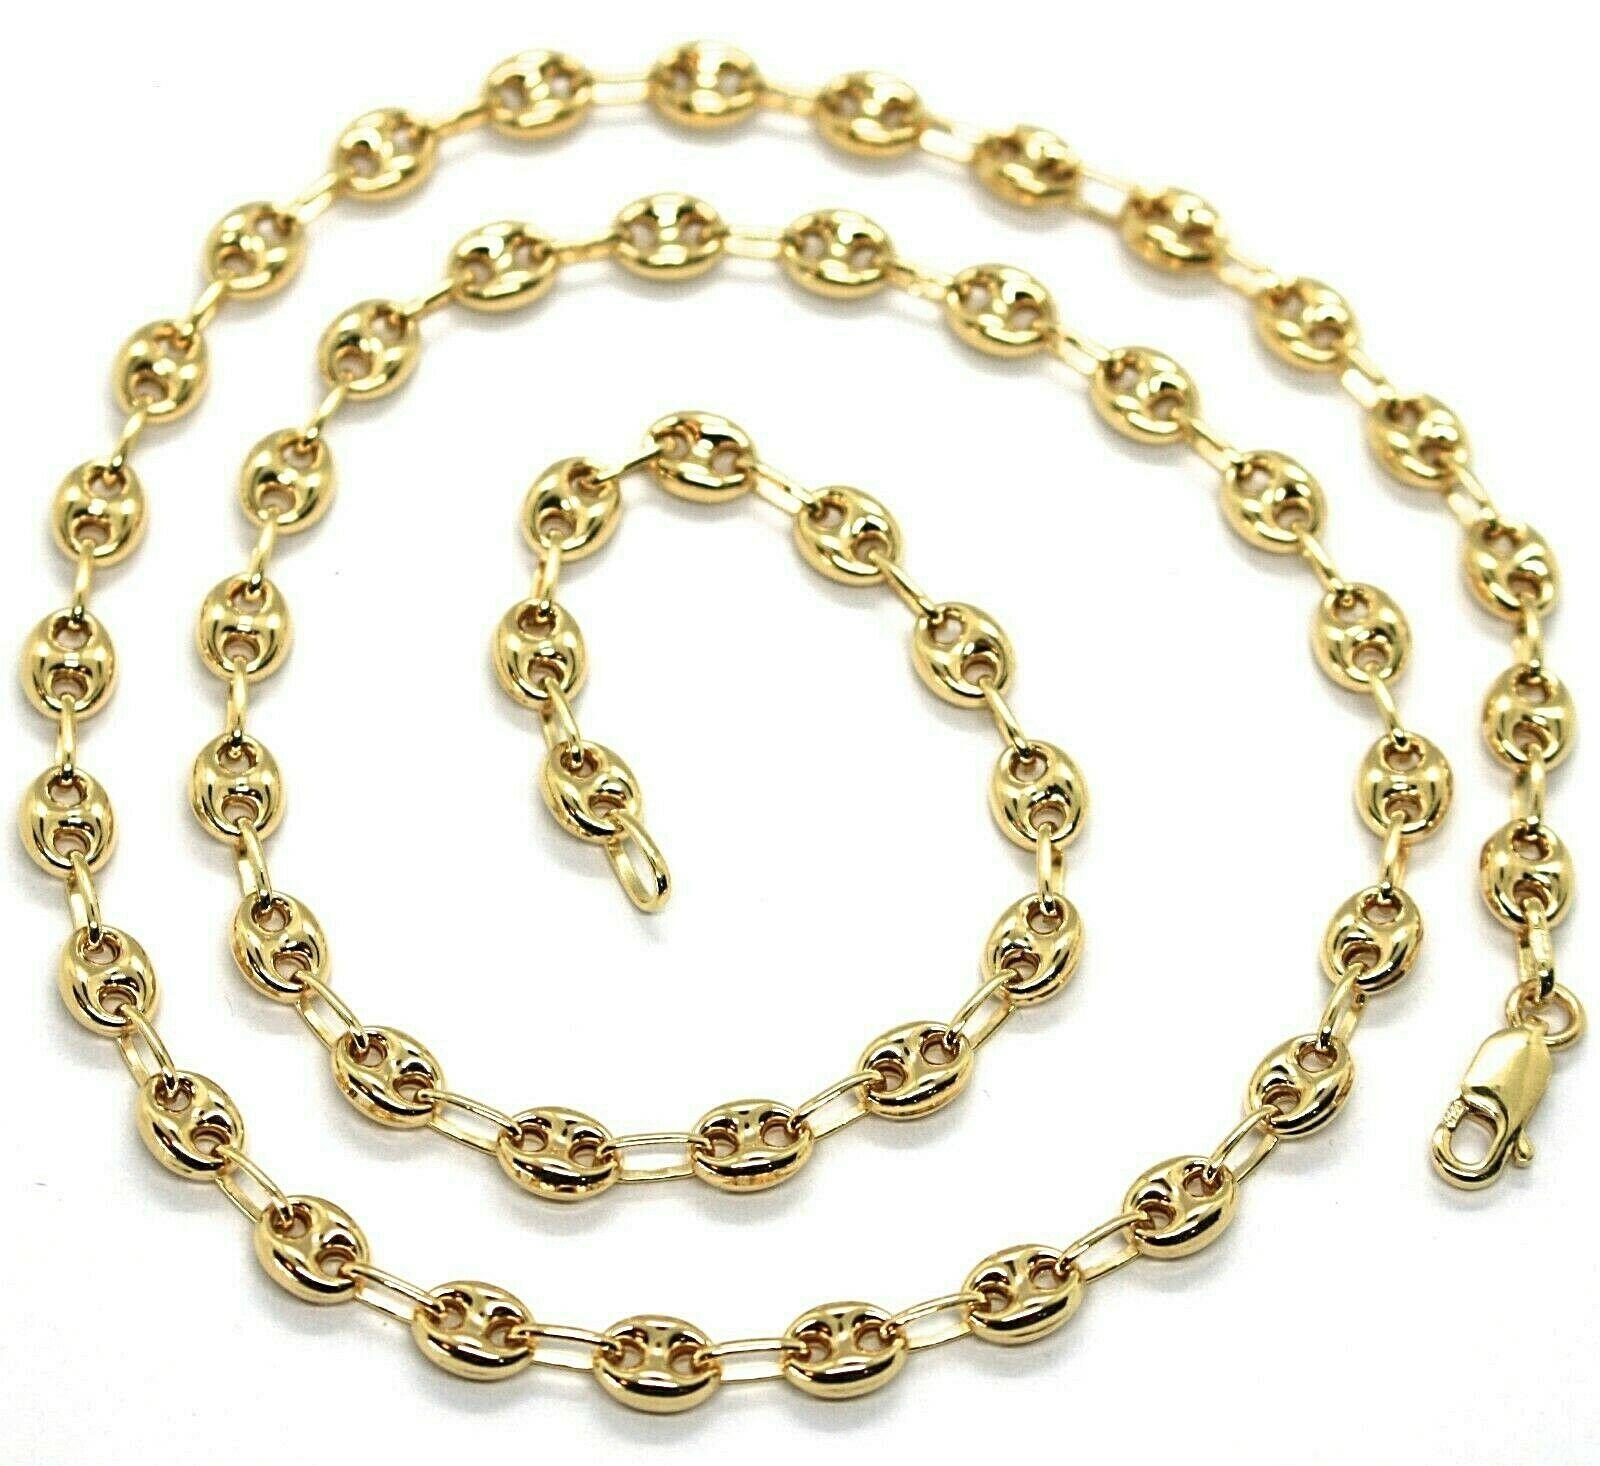 Cadena de Oro Amarillo 750 18K Largo 50 O 60 CM,Marina,Náuticos,Óvalos 5MM